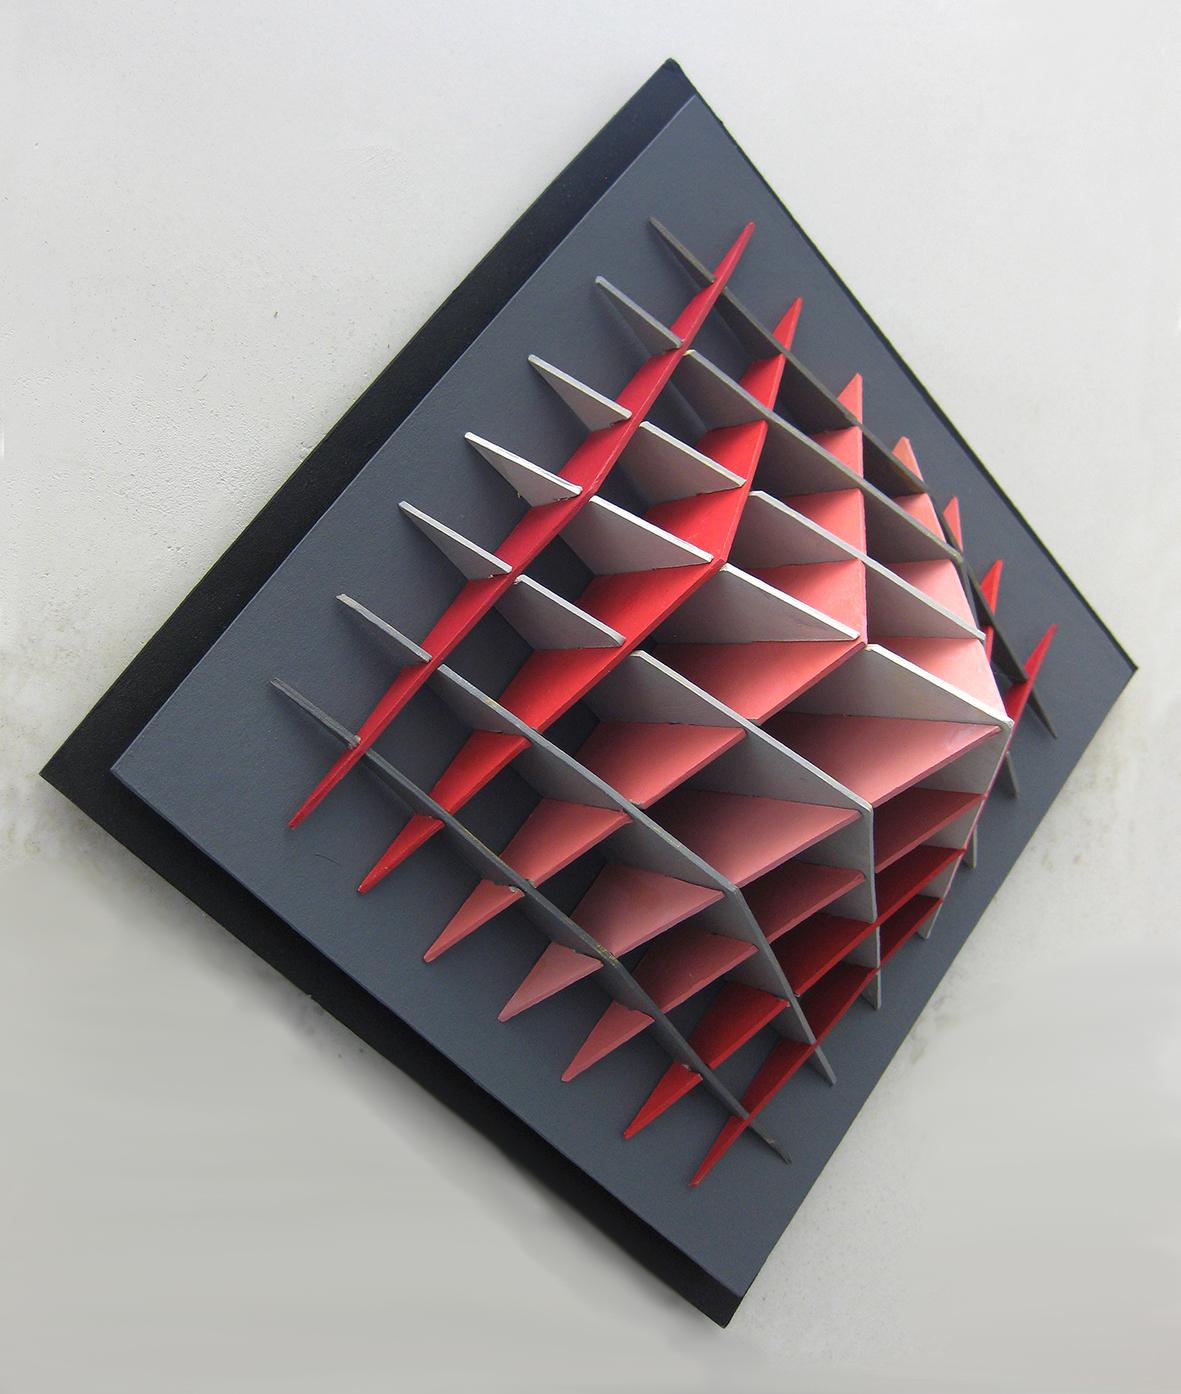 leokornips-Pyramid-in-R+G